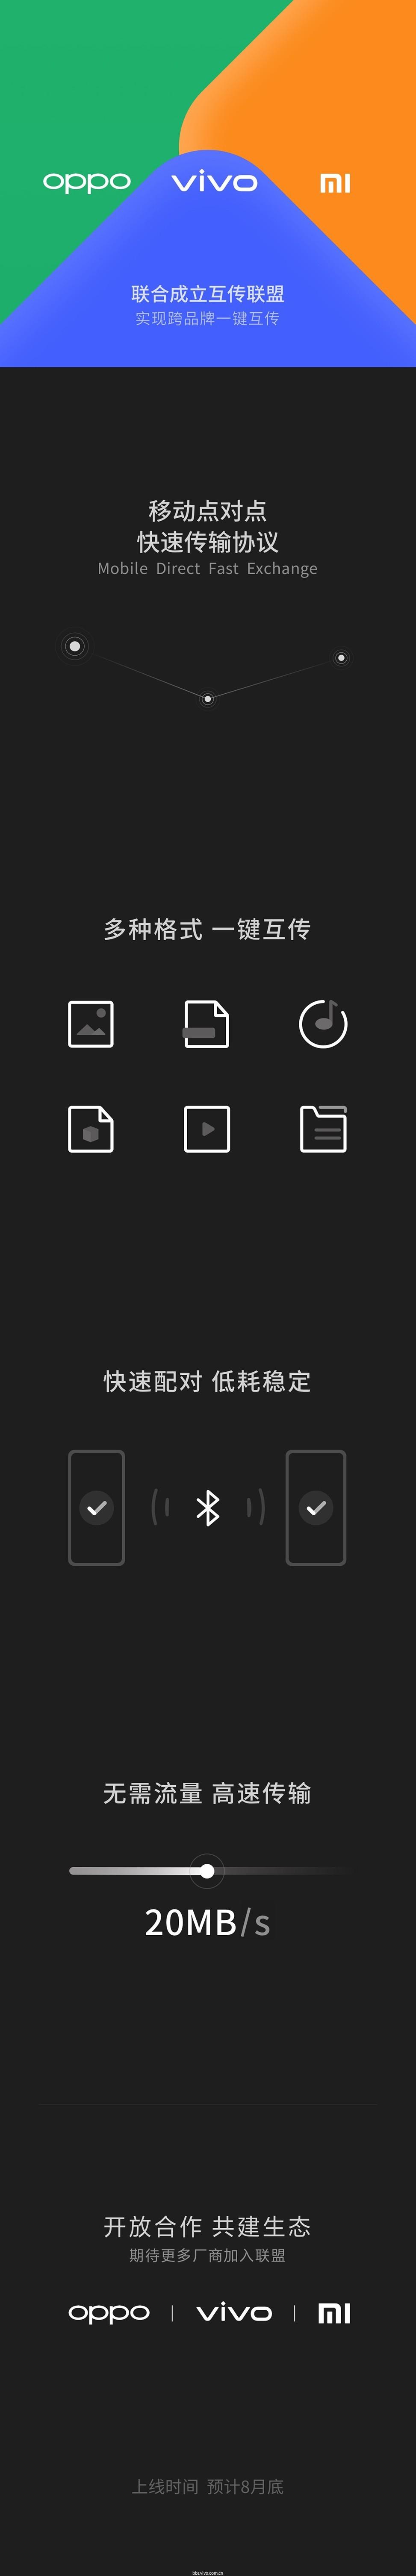 微信图片_20190819122904.jpg